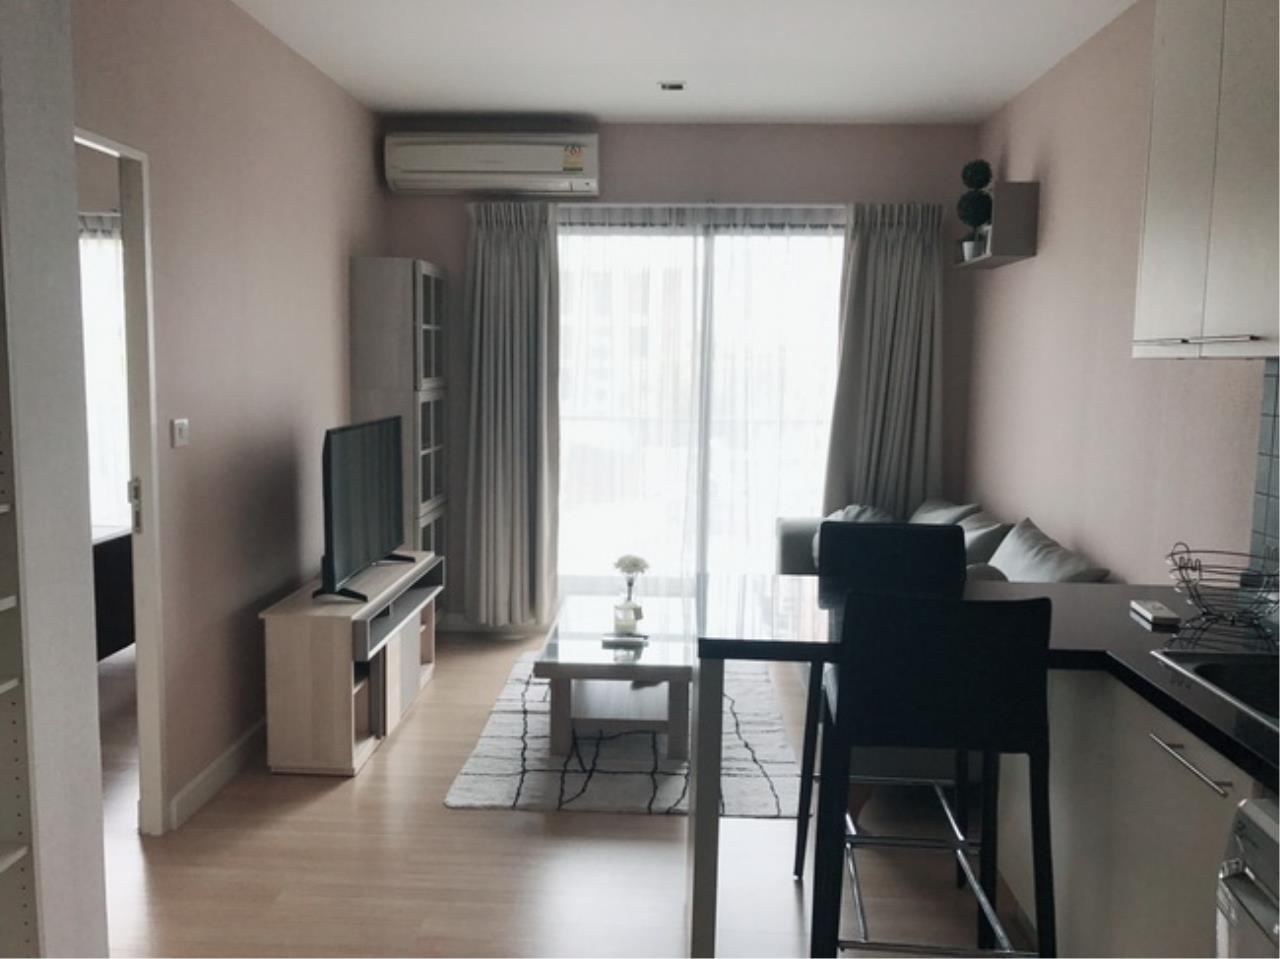 38161 - The Seed Mingle Condominium Sathorn Road, 43 sq.m.